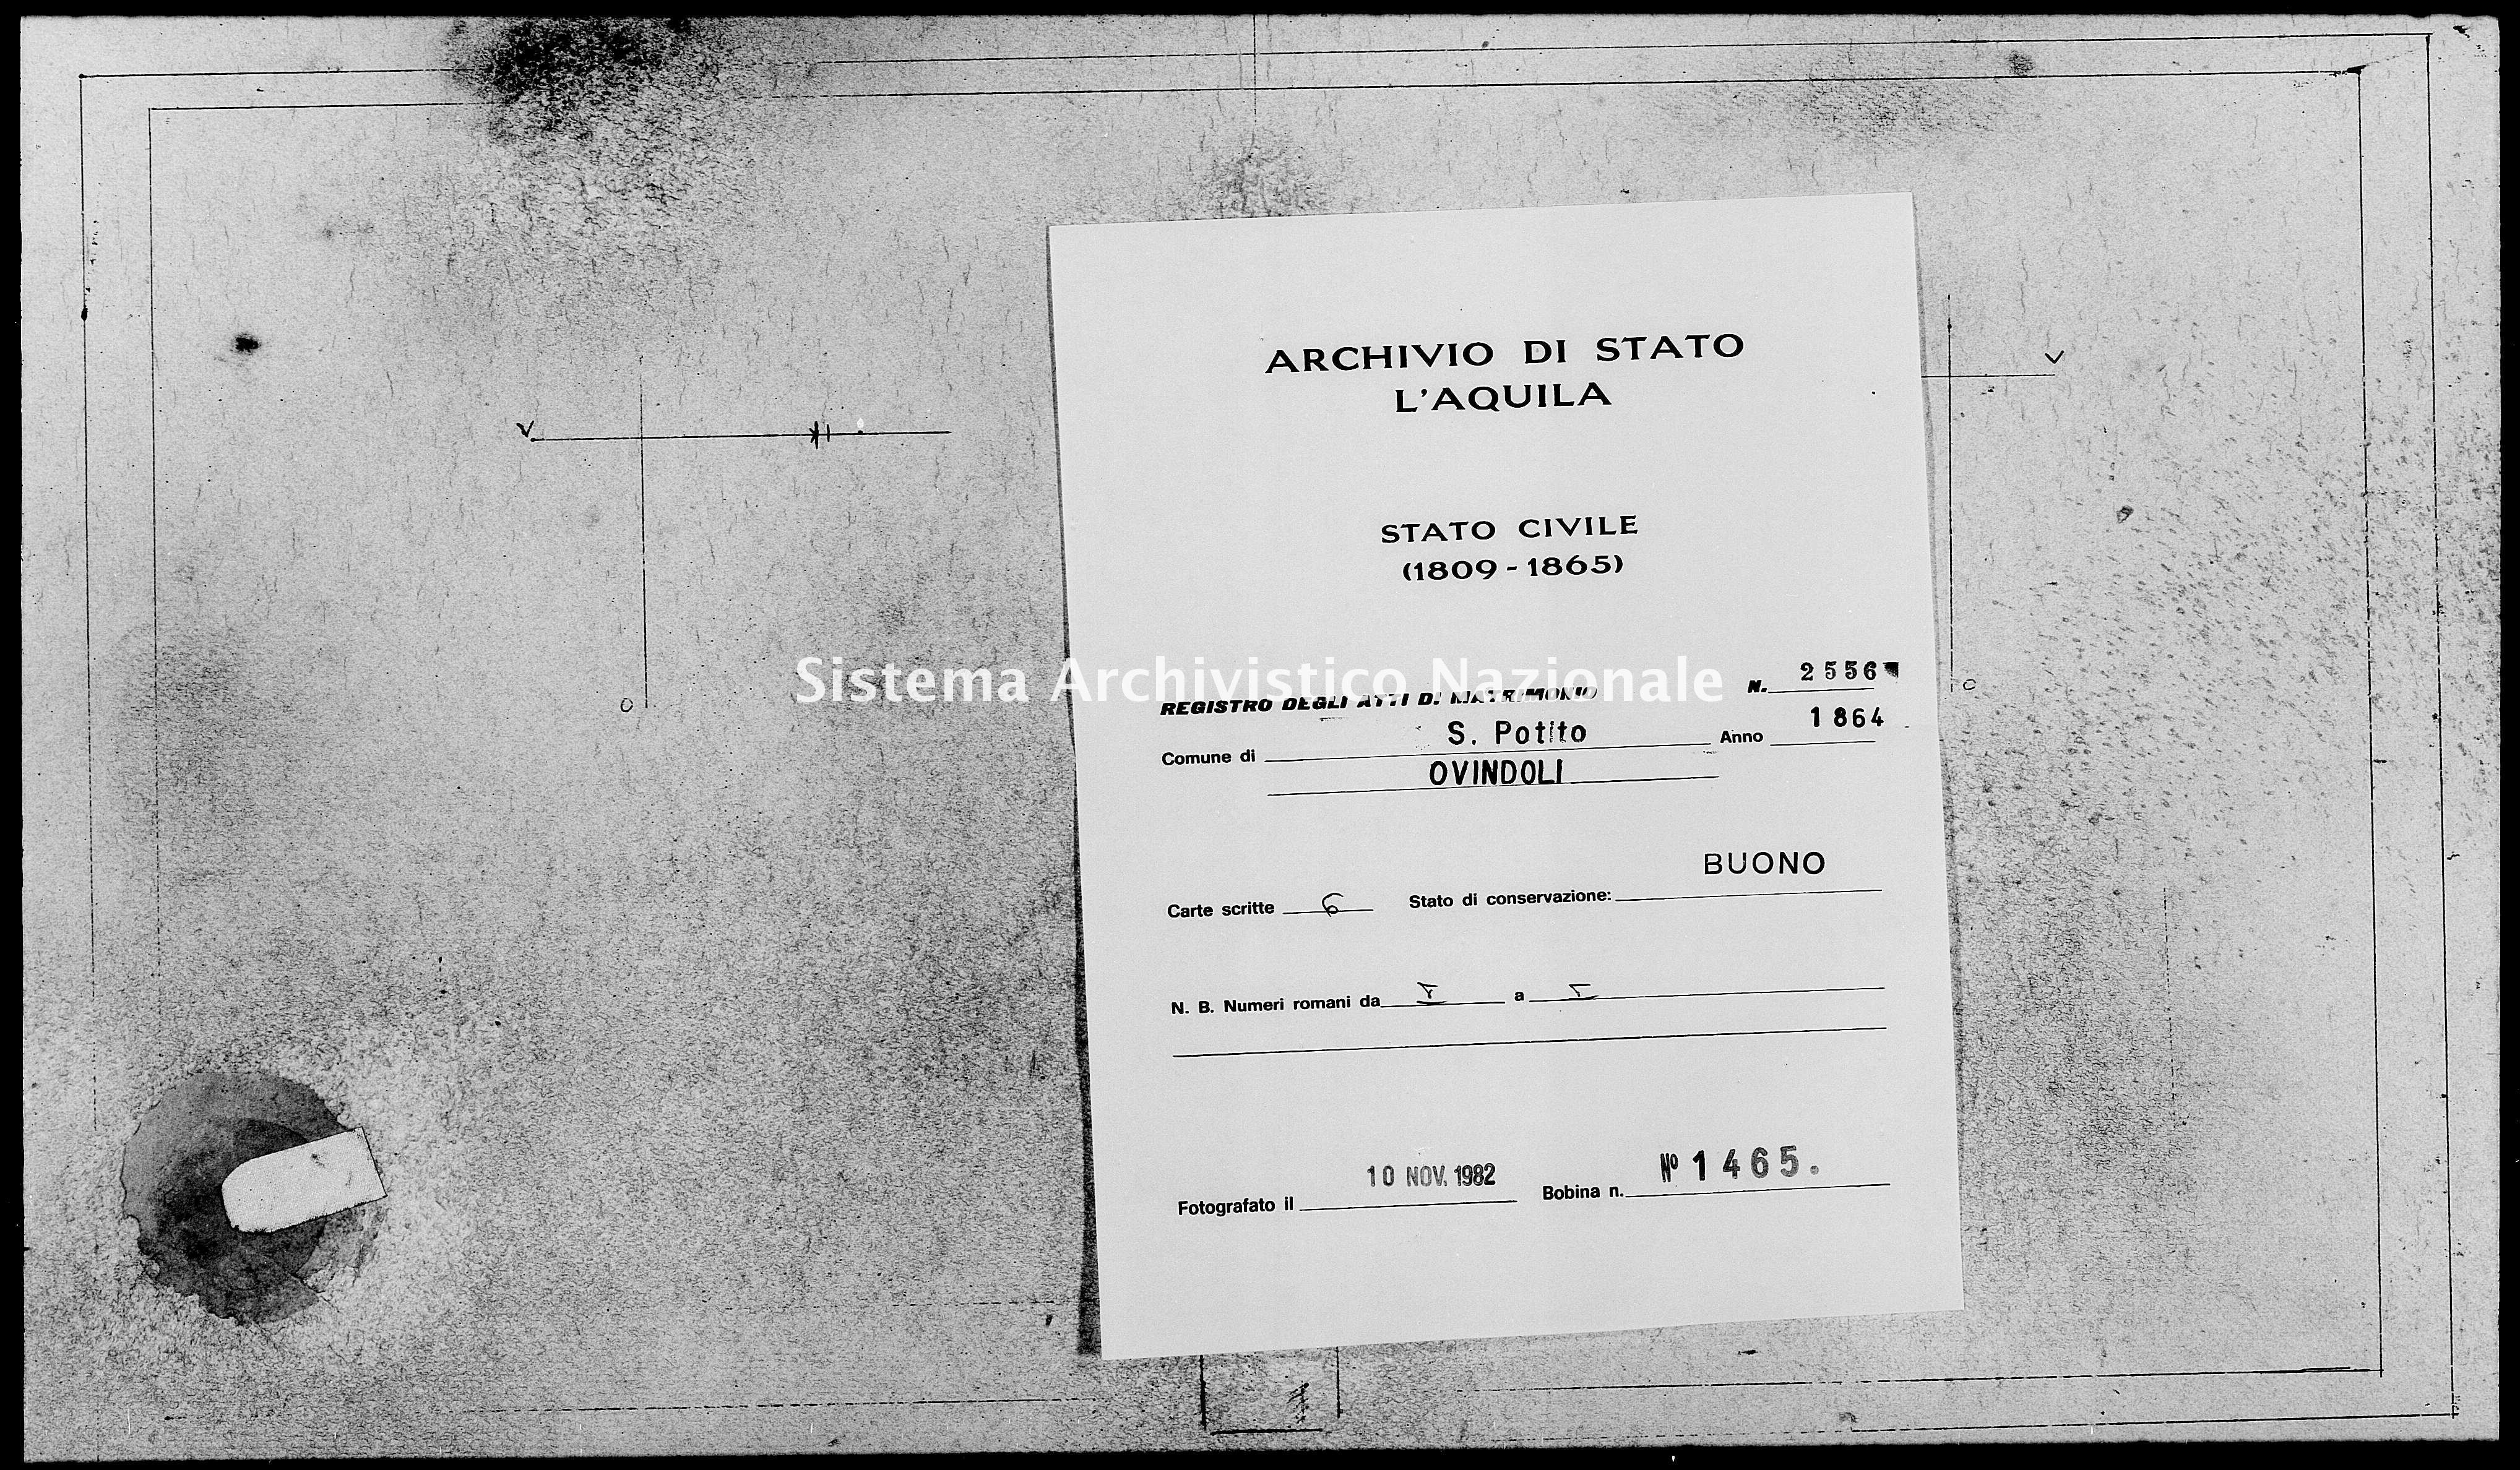 Archivio di stato di L'aquila - Stato civile italiano - San Potito - Matrimoni - 1864 - 2556 -